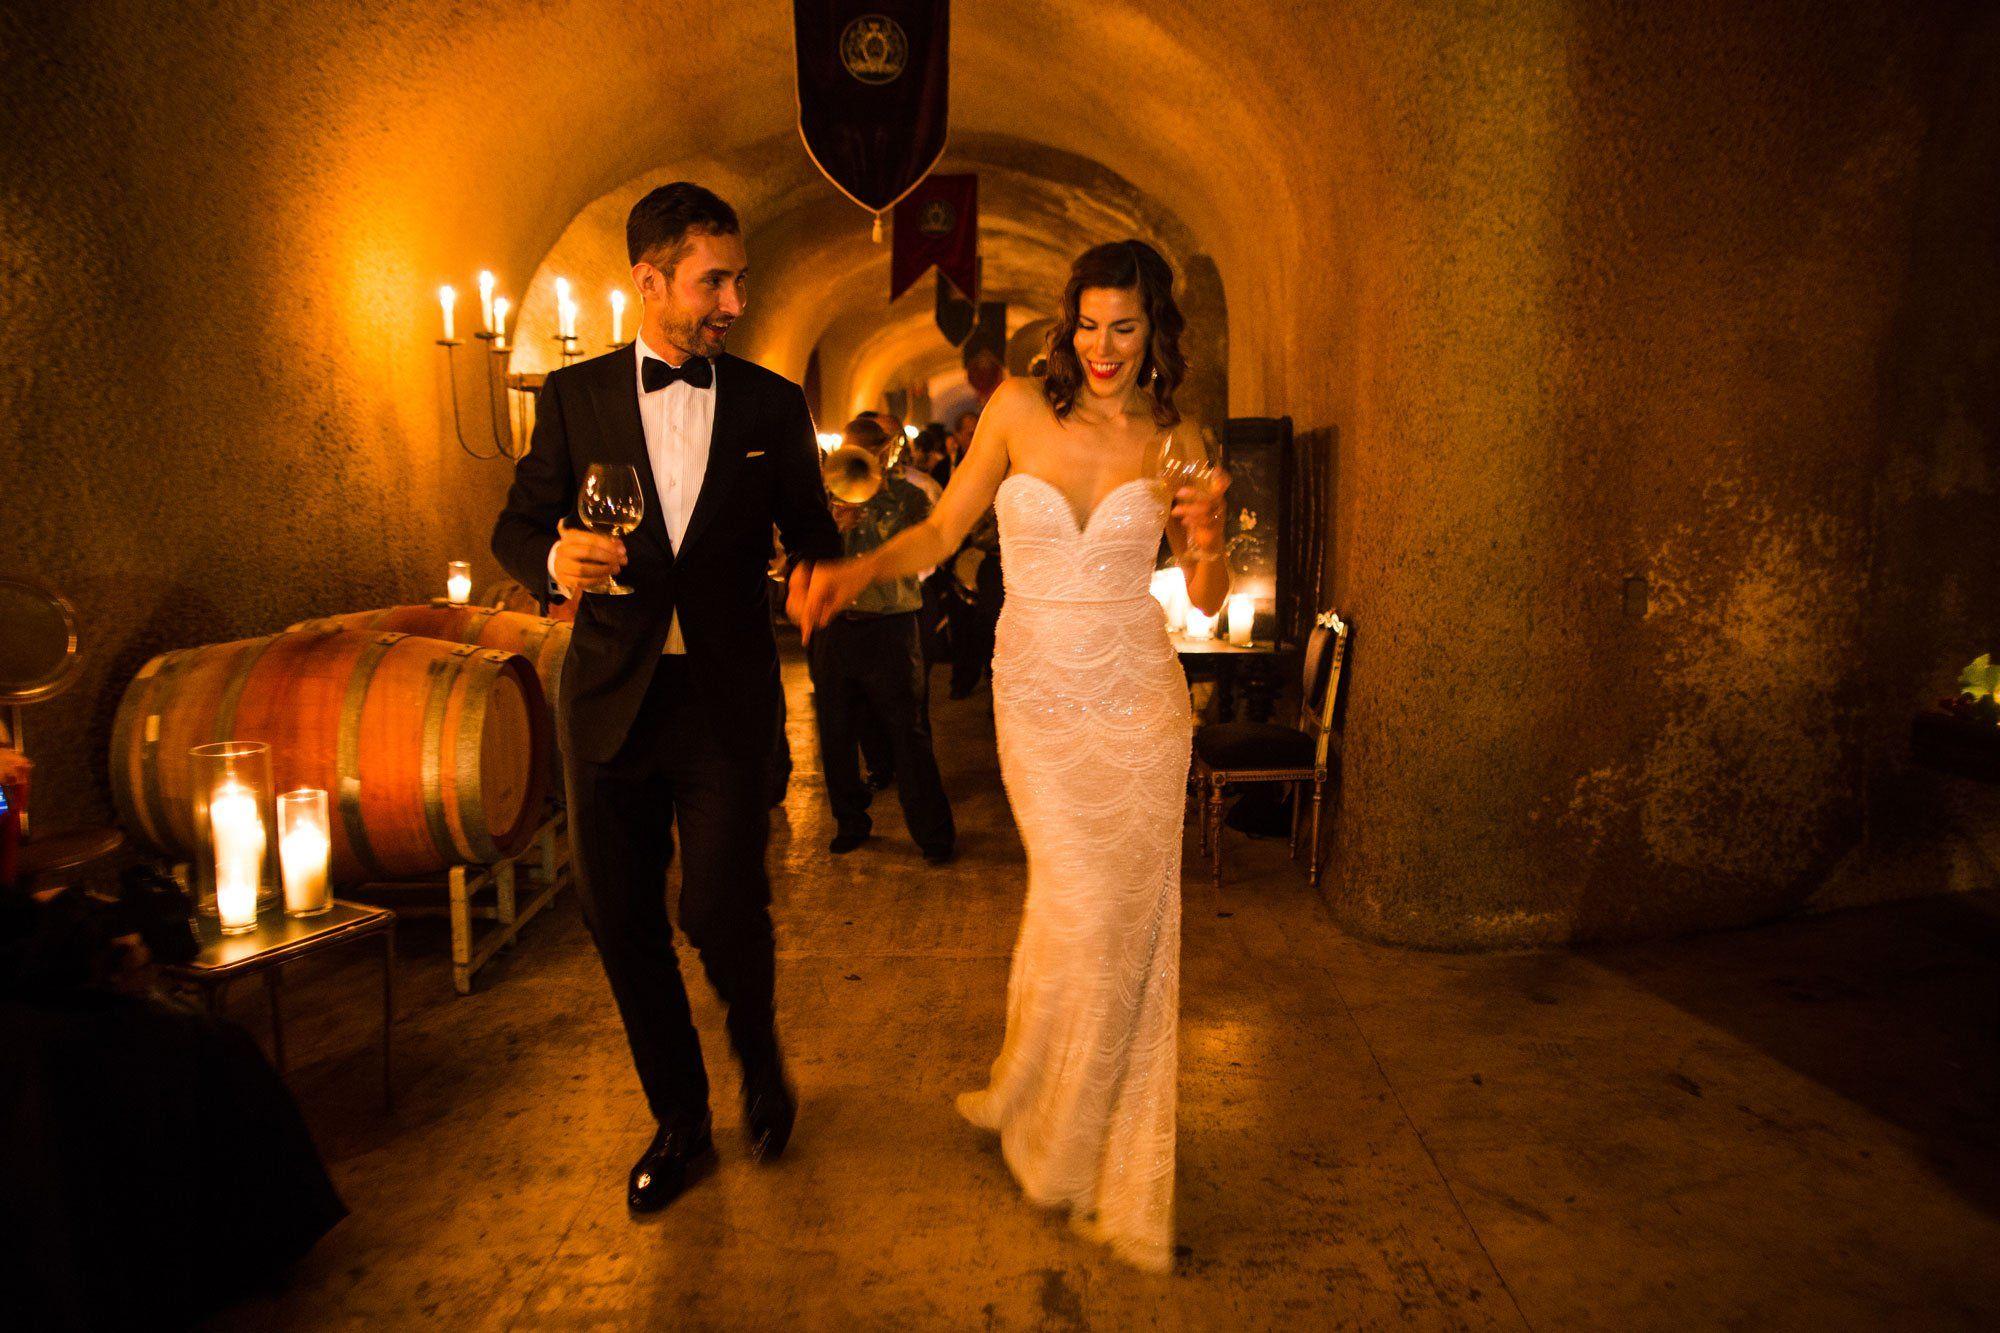 صورة صور عن العروس , بالصور البومات العرس من الاساسيات 3452 9